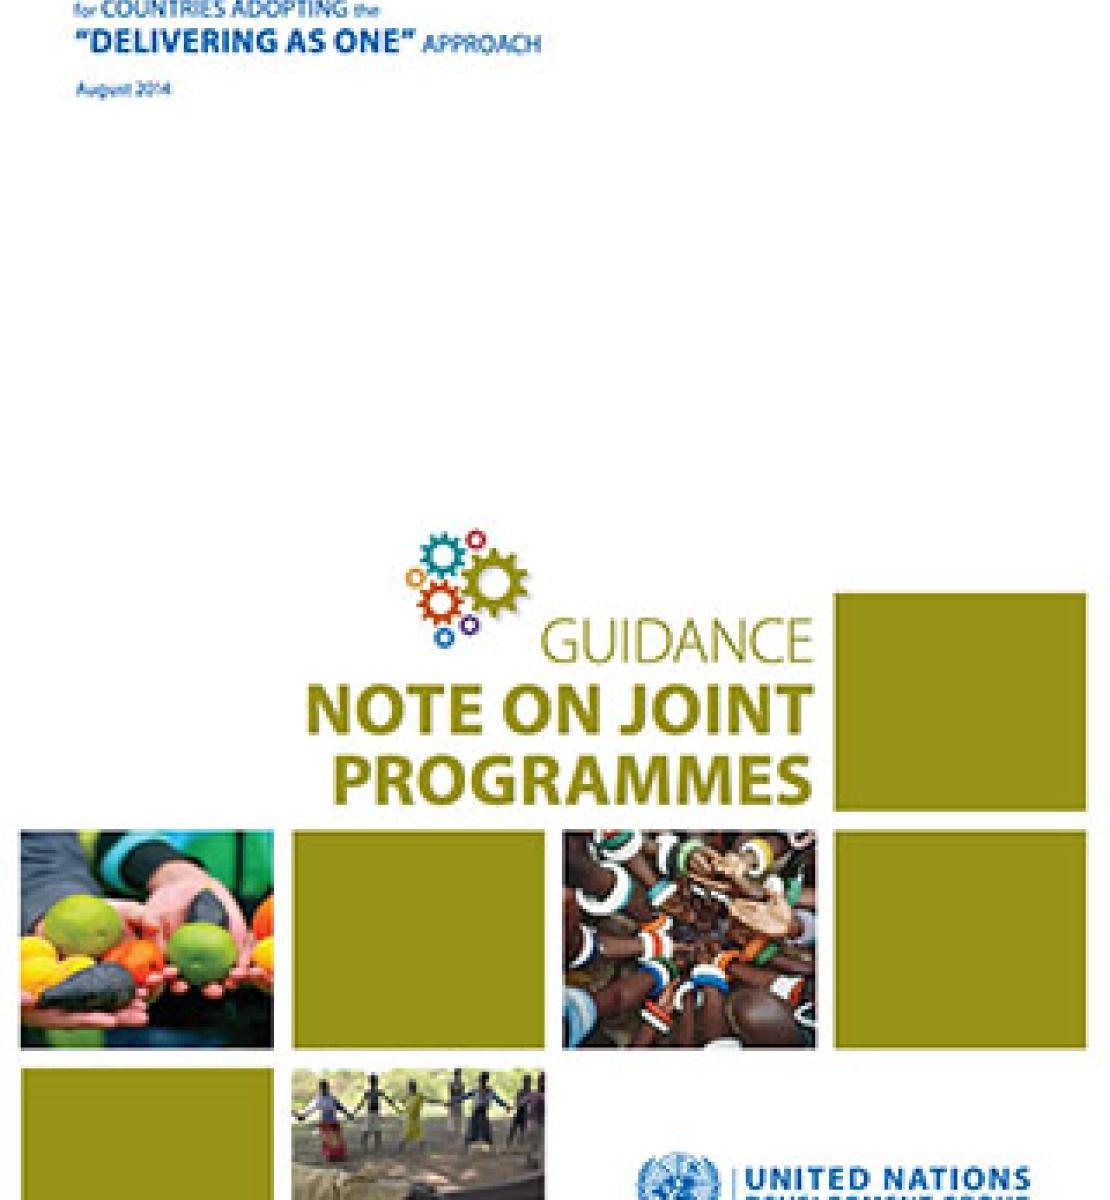 """Couverture d'un document intitulé """"UNDG Guidance Note on Joint Programme"""", qui signifie en français """"Note d'orientation du GNUD sur les programmes conjoints"""" sur laquelle sont diposés plusieurs carrés alternant des photograhies et des fonds unis de couleur vert kaki."""